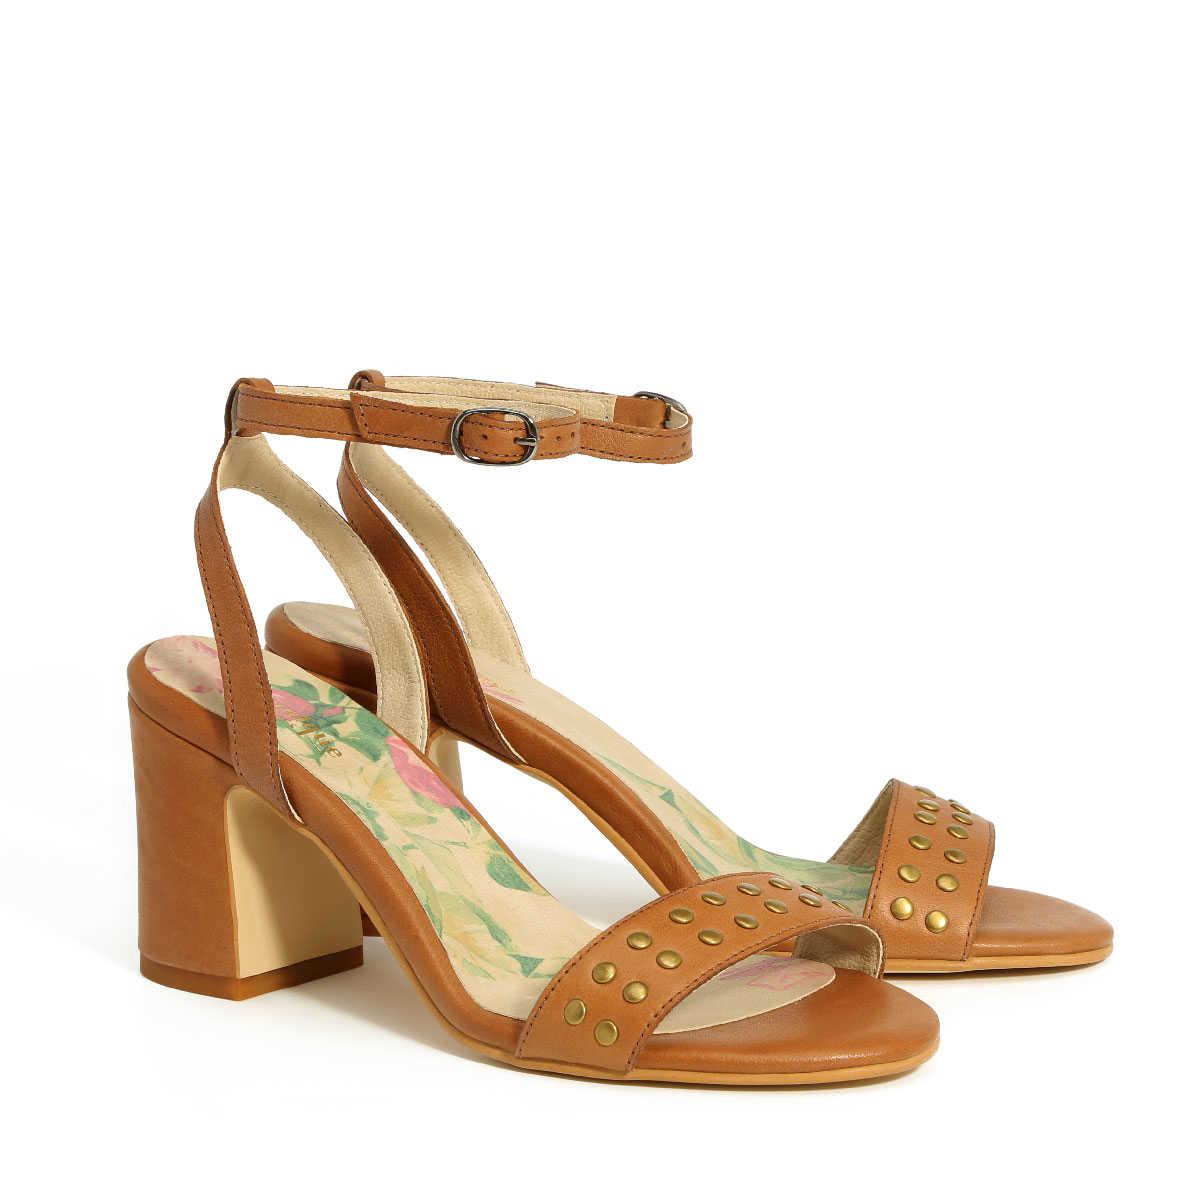 בלעדי לאתר - דגם אמה: נעלי עקב בצבע קאמל